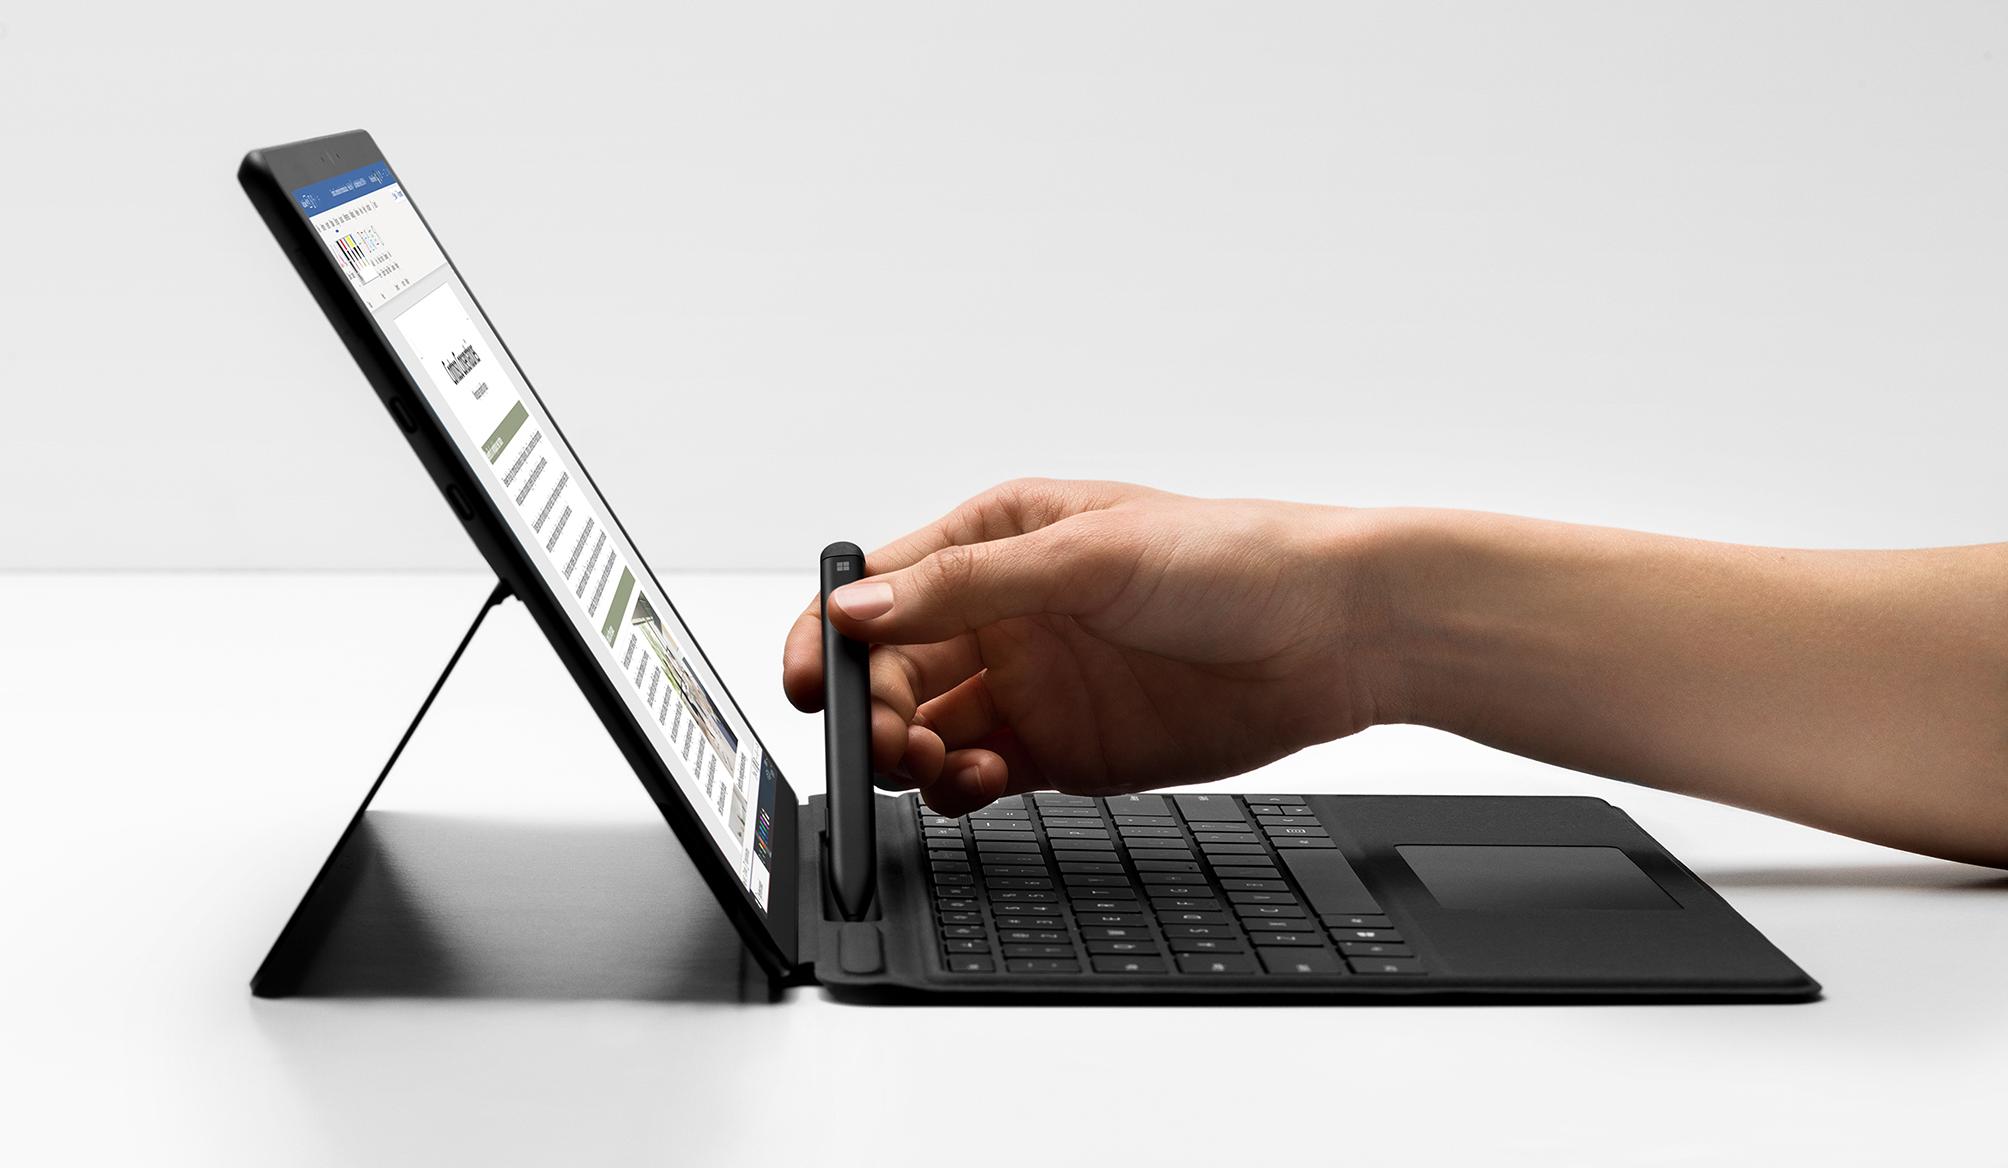 Kuva kädestä, joka poistaa kynän uudesta Surface Pro X -laitteesta.